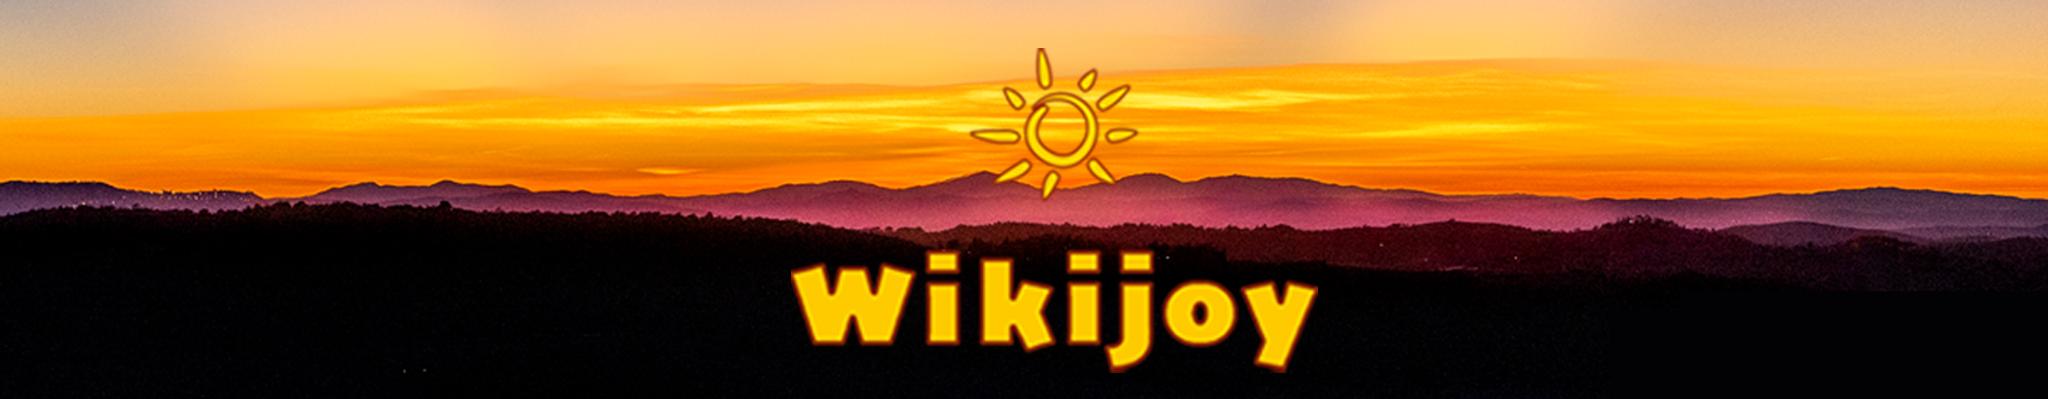 wikijoy sunset banner